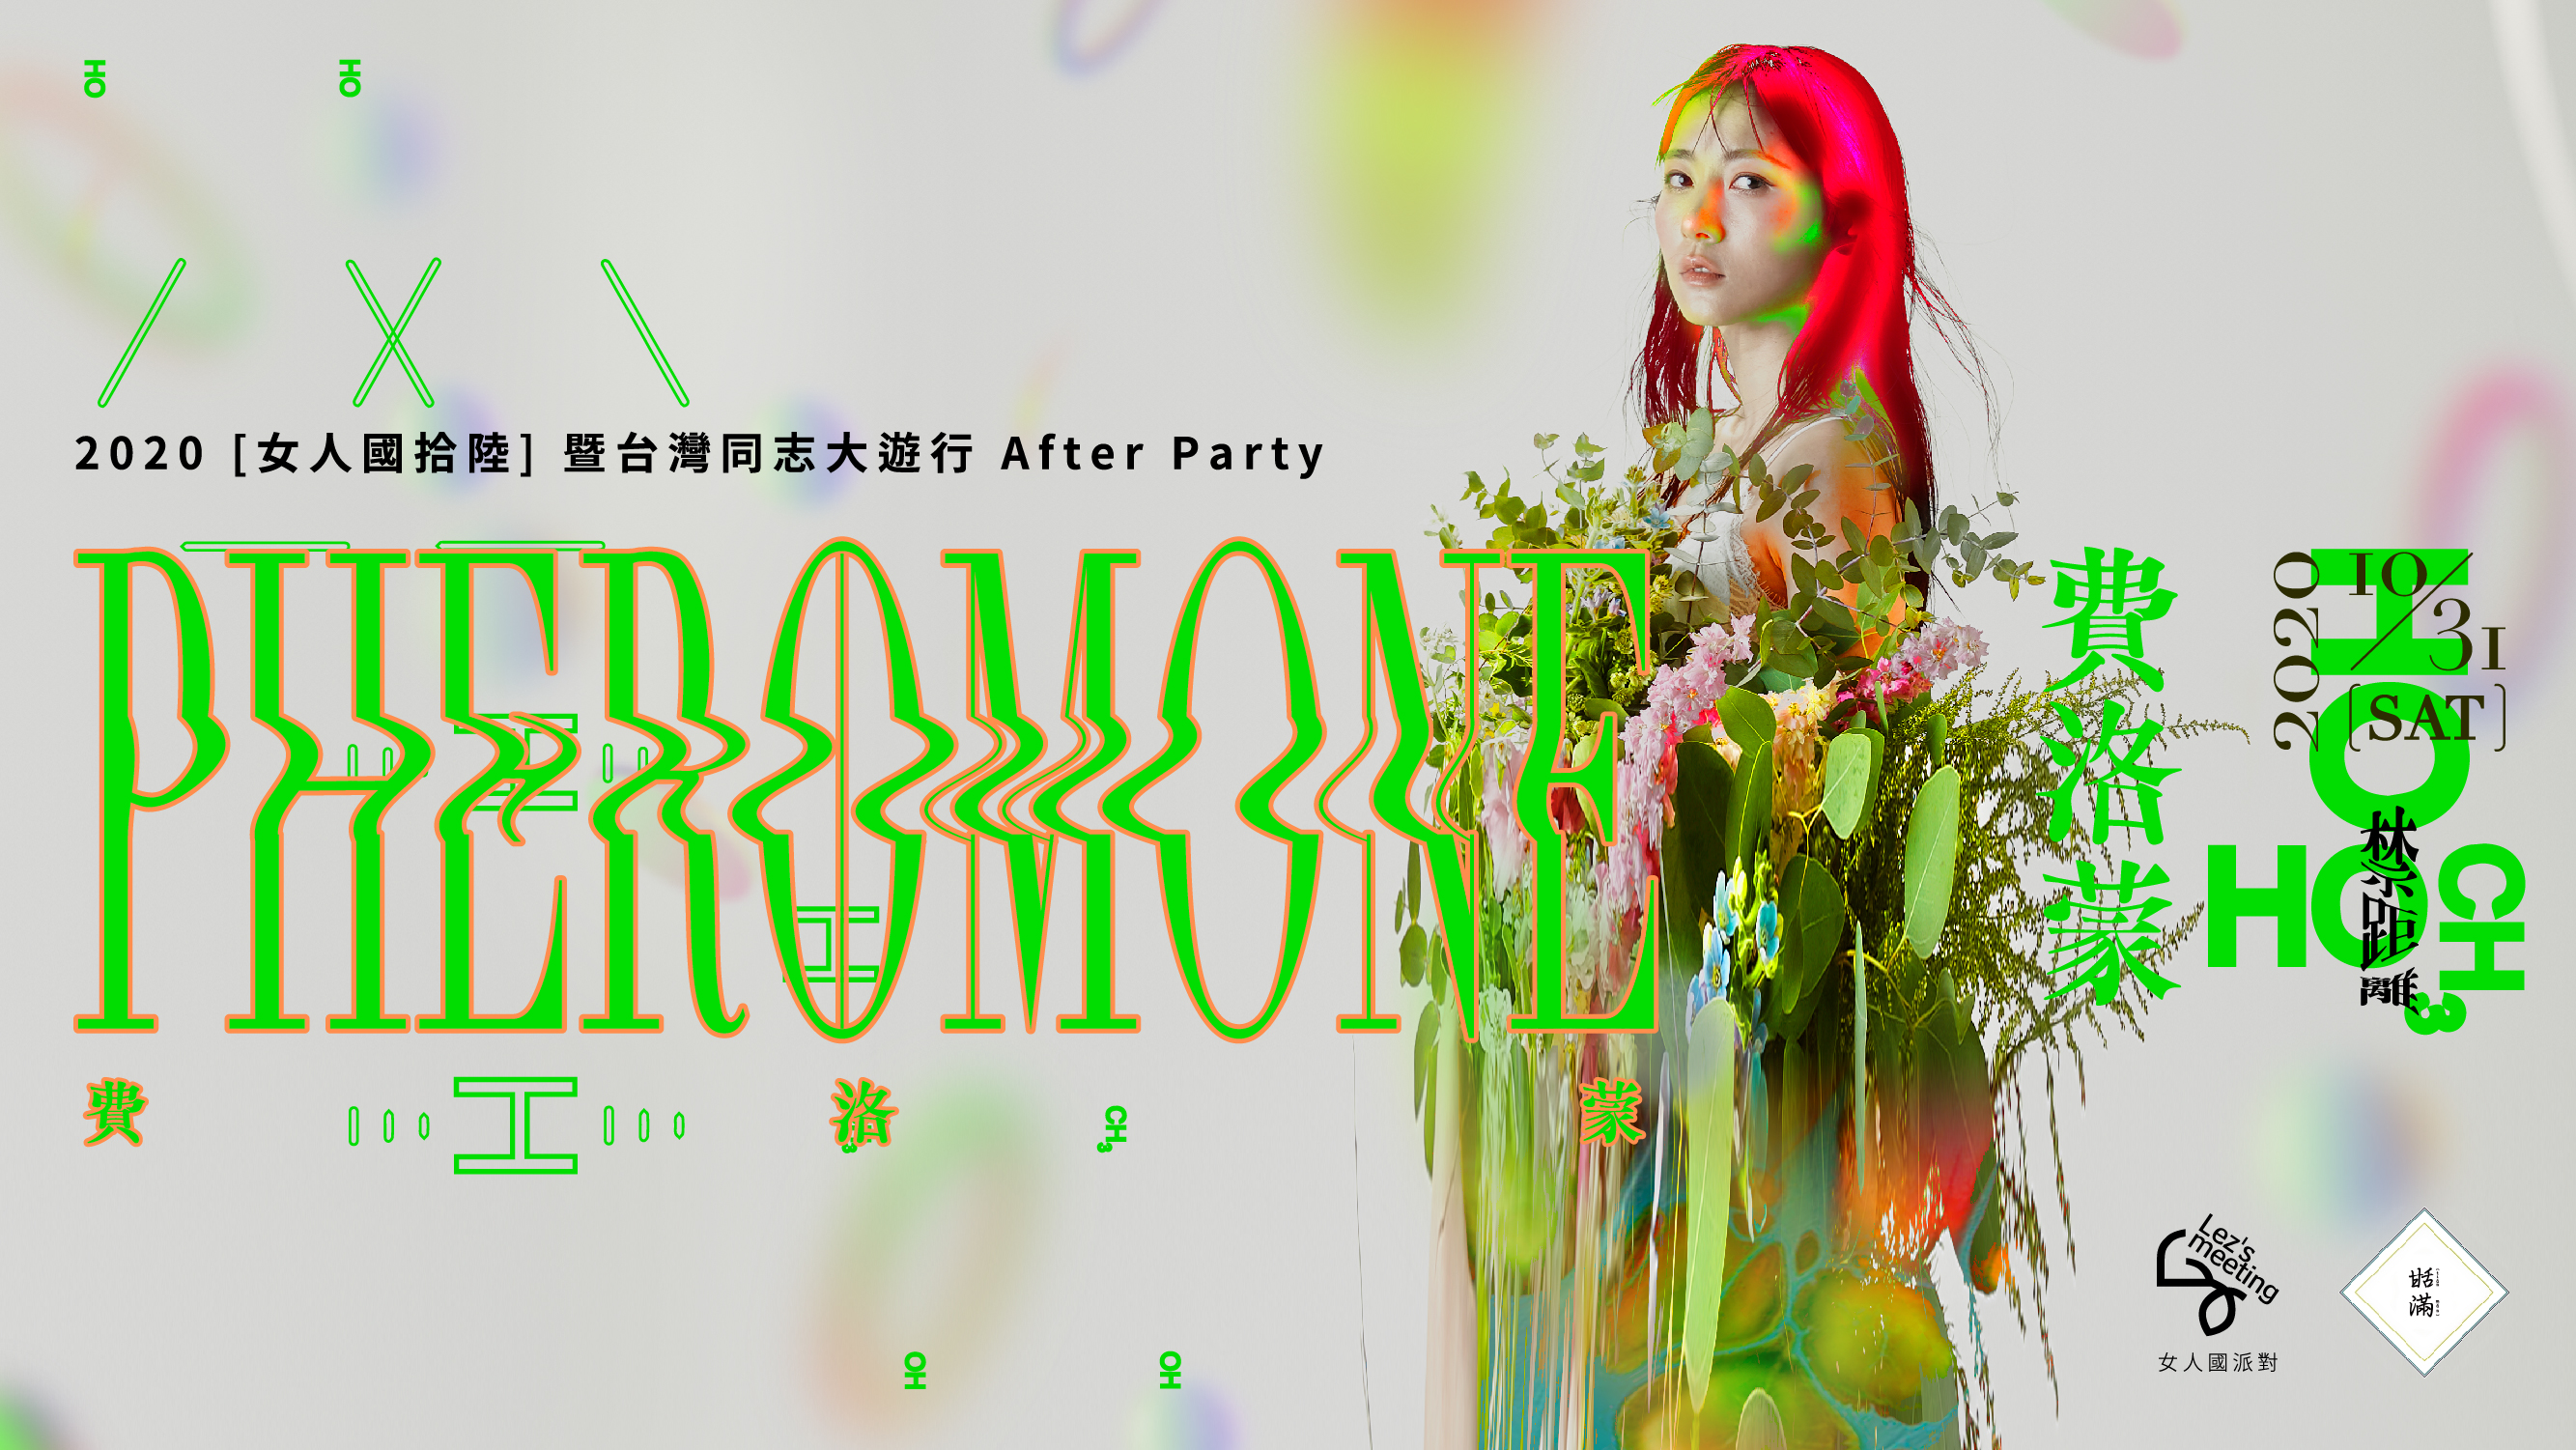 2020 Gay Pride After Party 【Pheromone】  Lez's Meeting女人國 Sisteenth